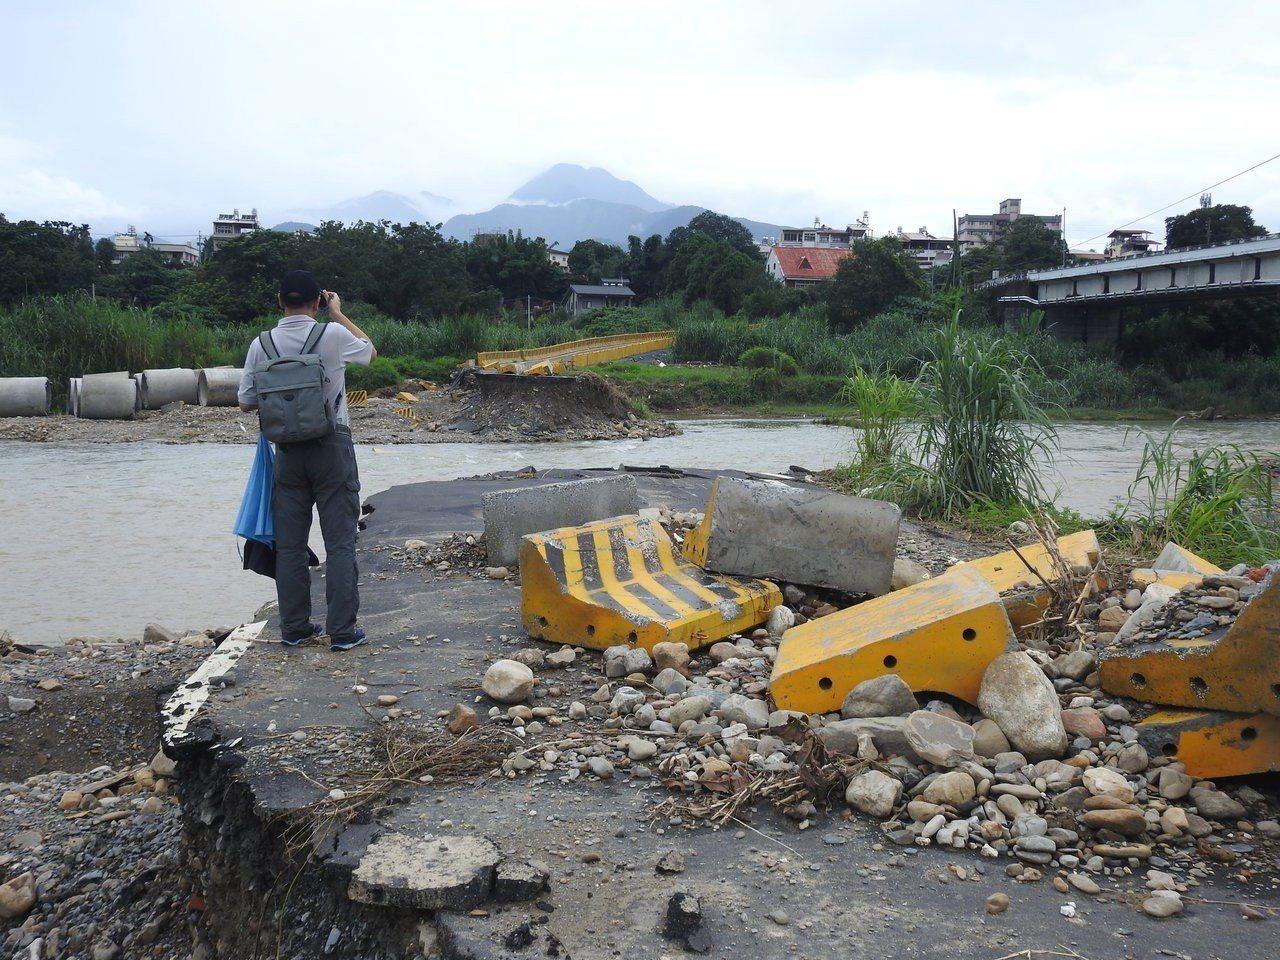 埔里愛村橋去年6月遭沖毀,涵管便道近期則被沖斷,鄰近民眾出入只能繞遠路,相當不便...